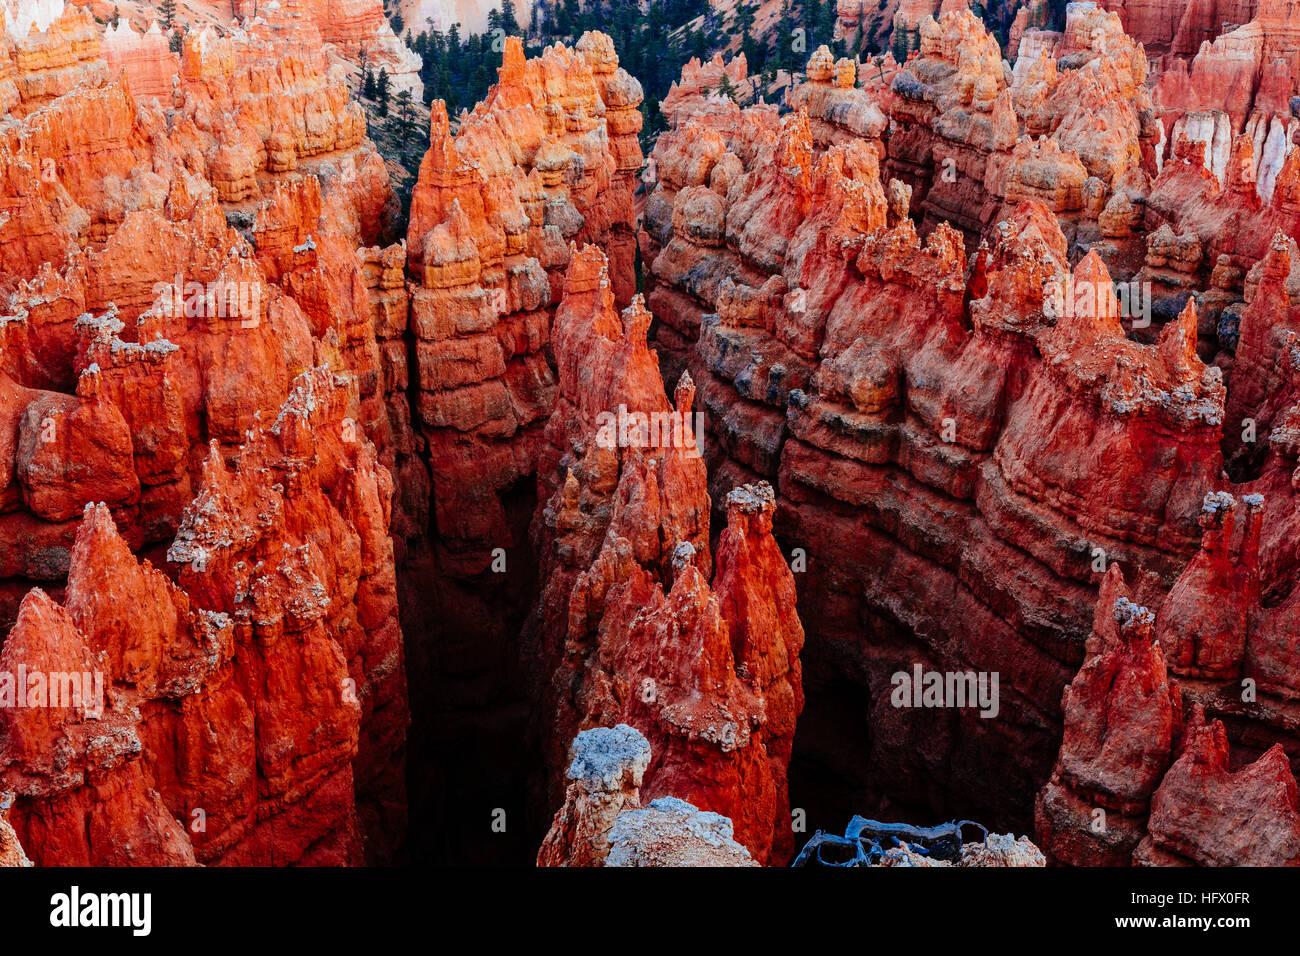 Bryce Canyon è una collezione di anfiteatri naturali da parte dell'altopiano Paunsaugunt. Bryce è un tratto distintivo Foto Stock